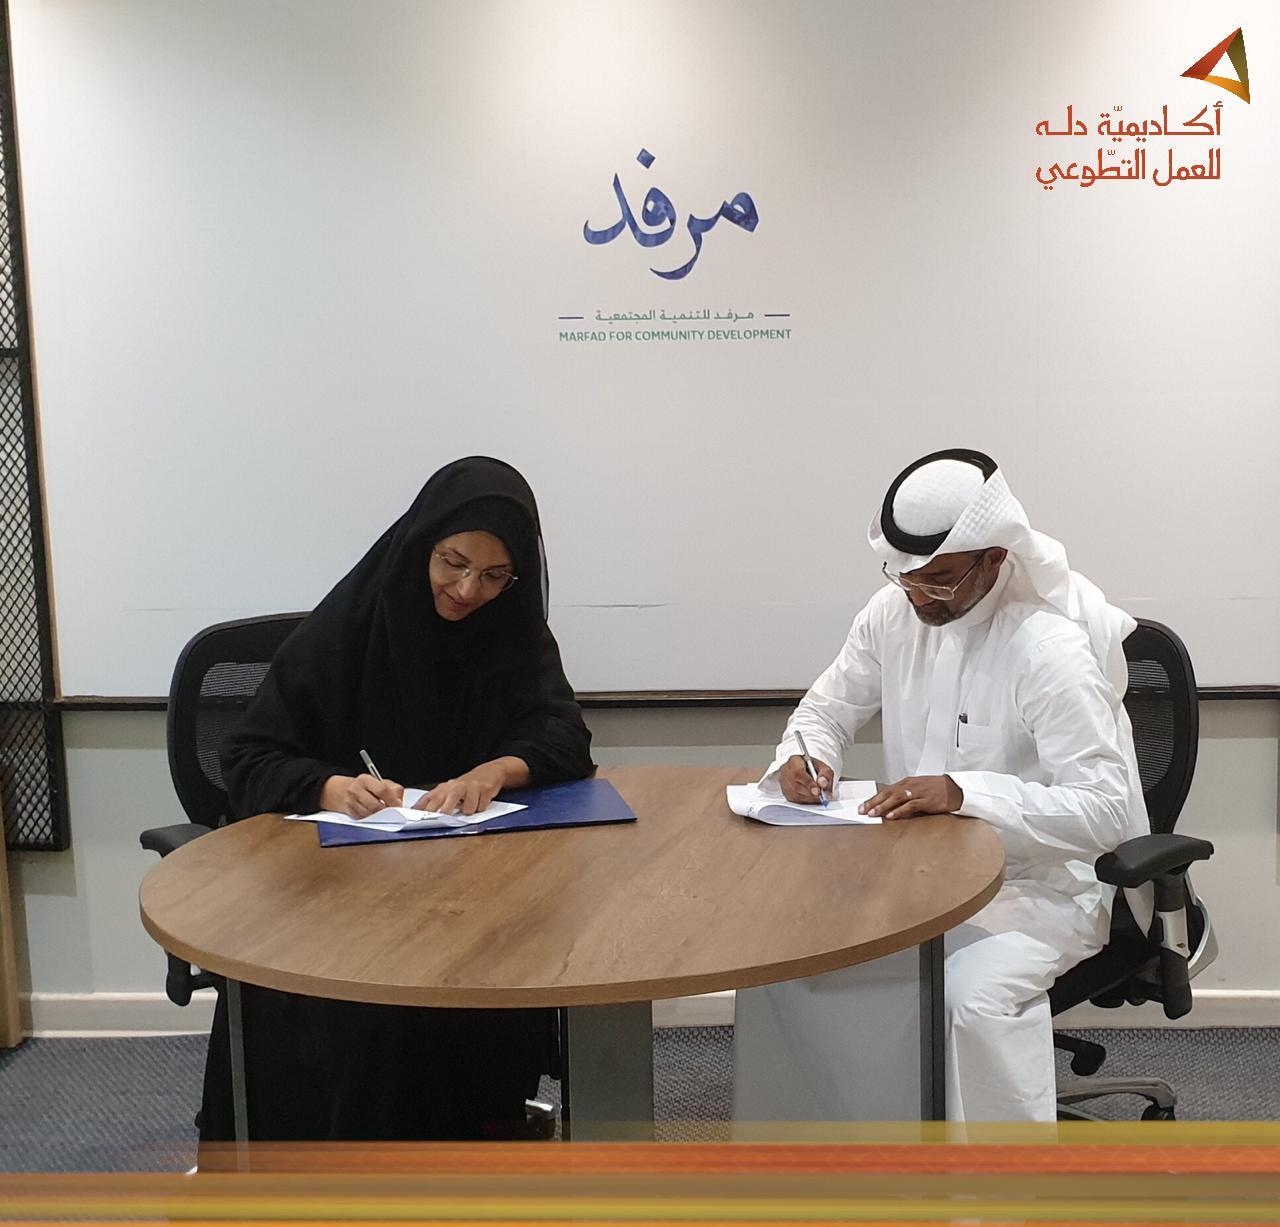 توقيع اتفاقية شراكة بين الأكاديمية ومؤسسة مرفد لتنمية المجتمع 10 / 9 / 2019م